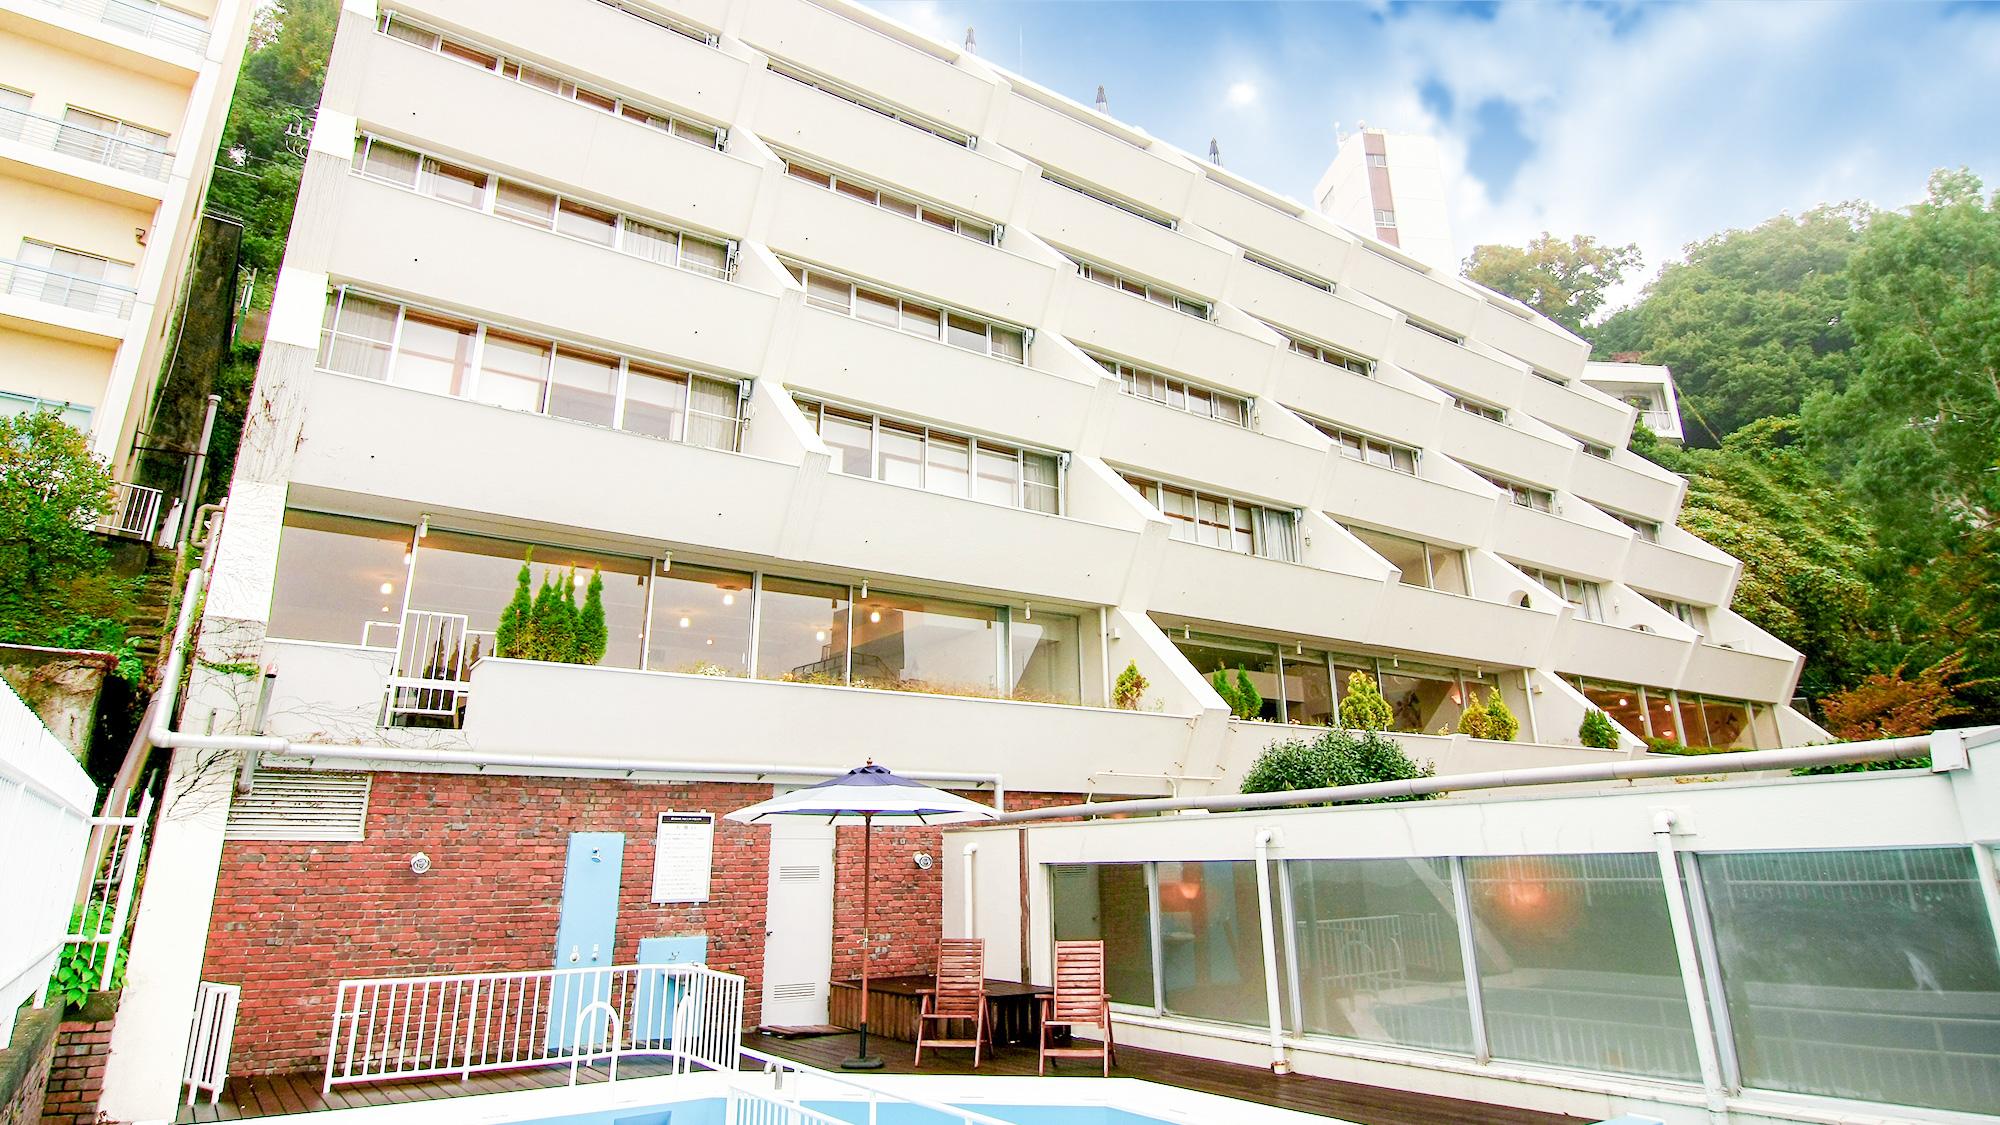 ブリーズベイシーサイドリゾート熱海(BBHホテルグループ)